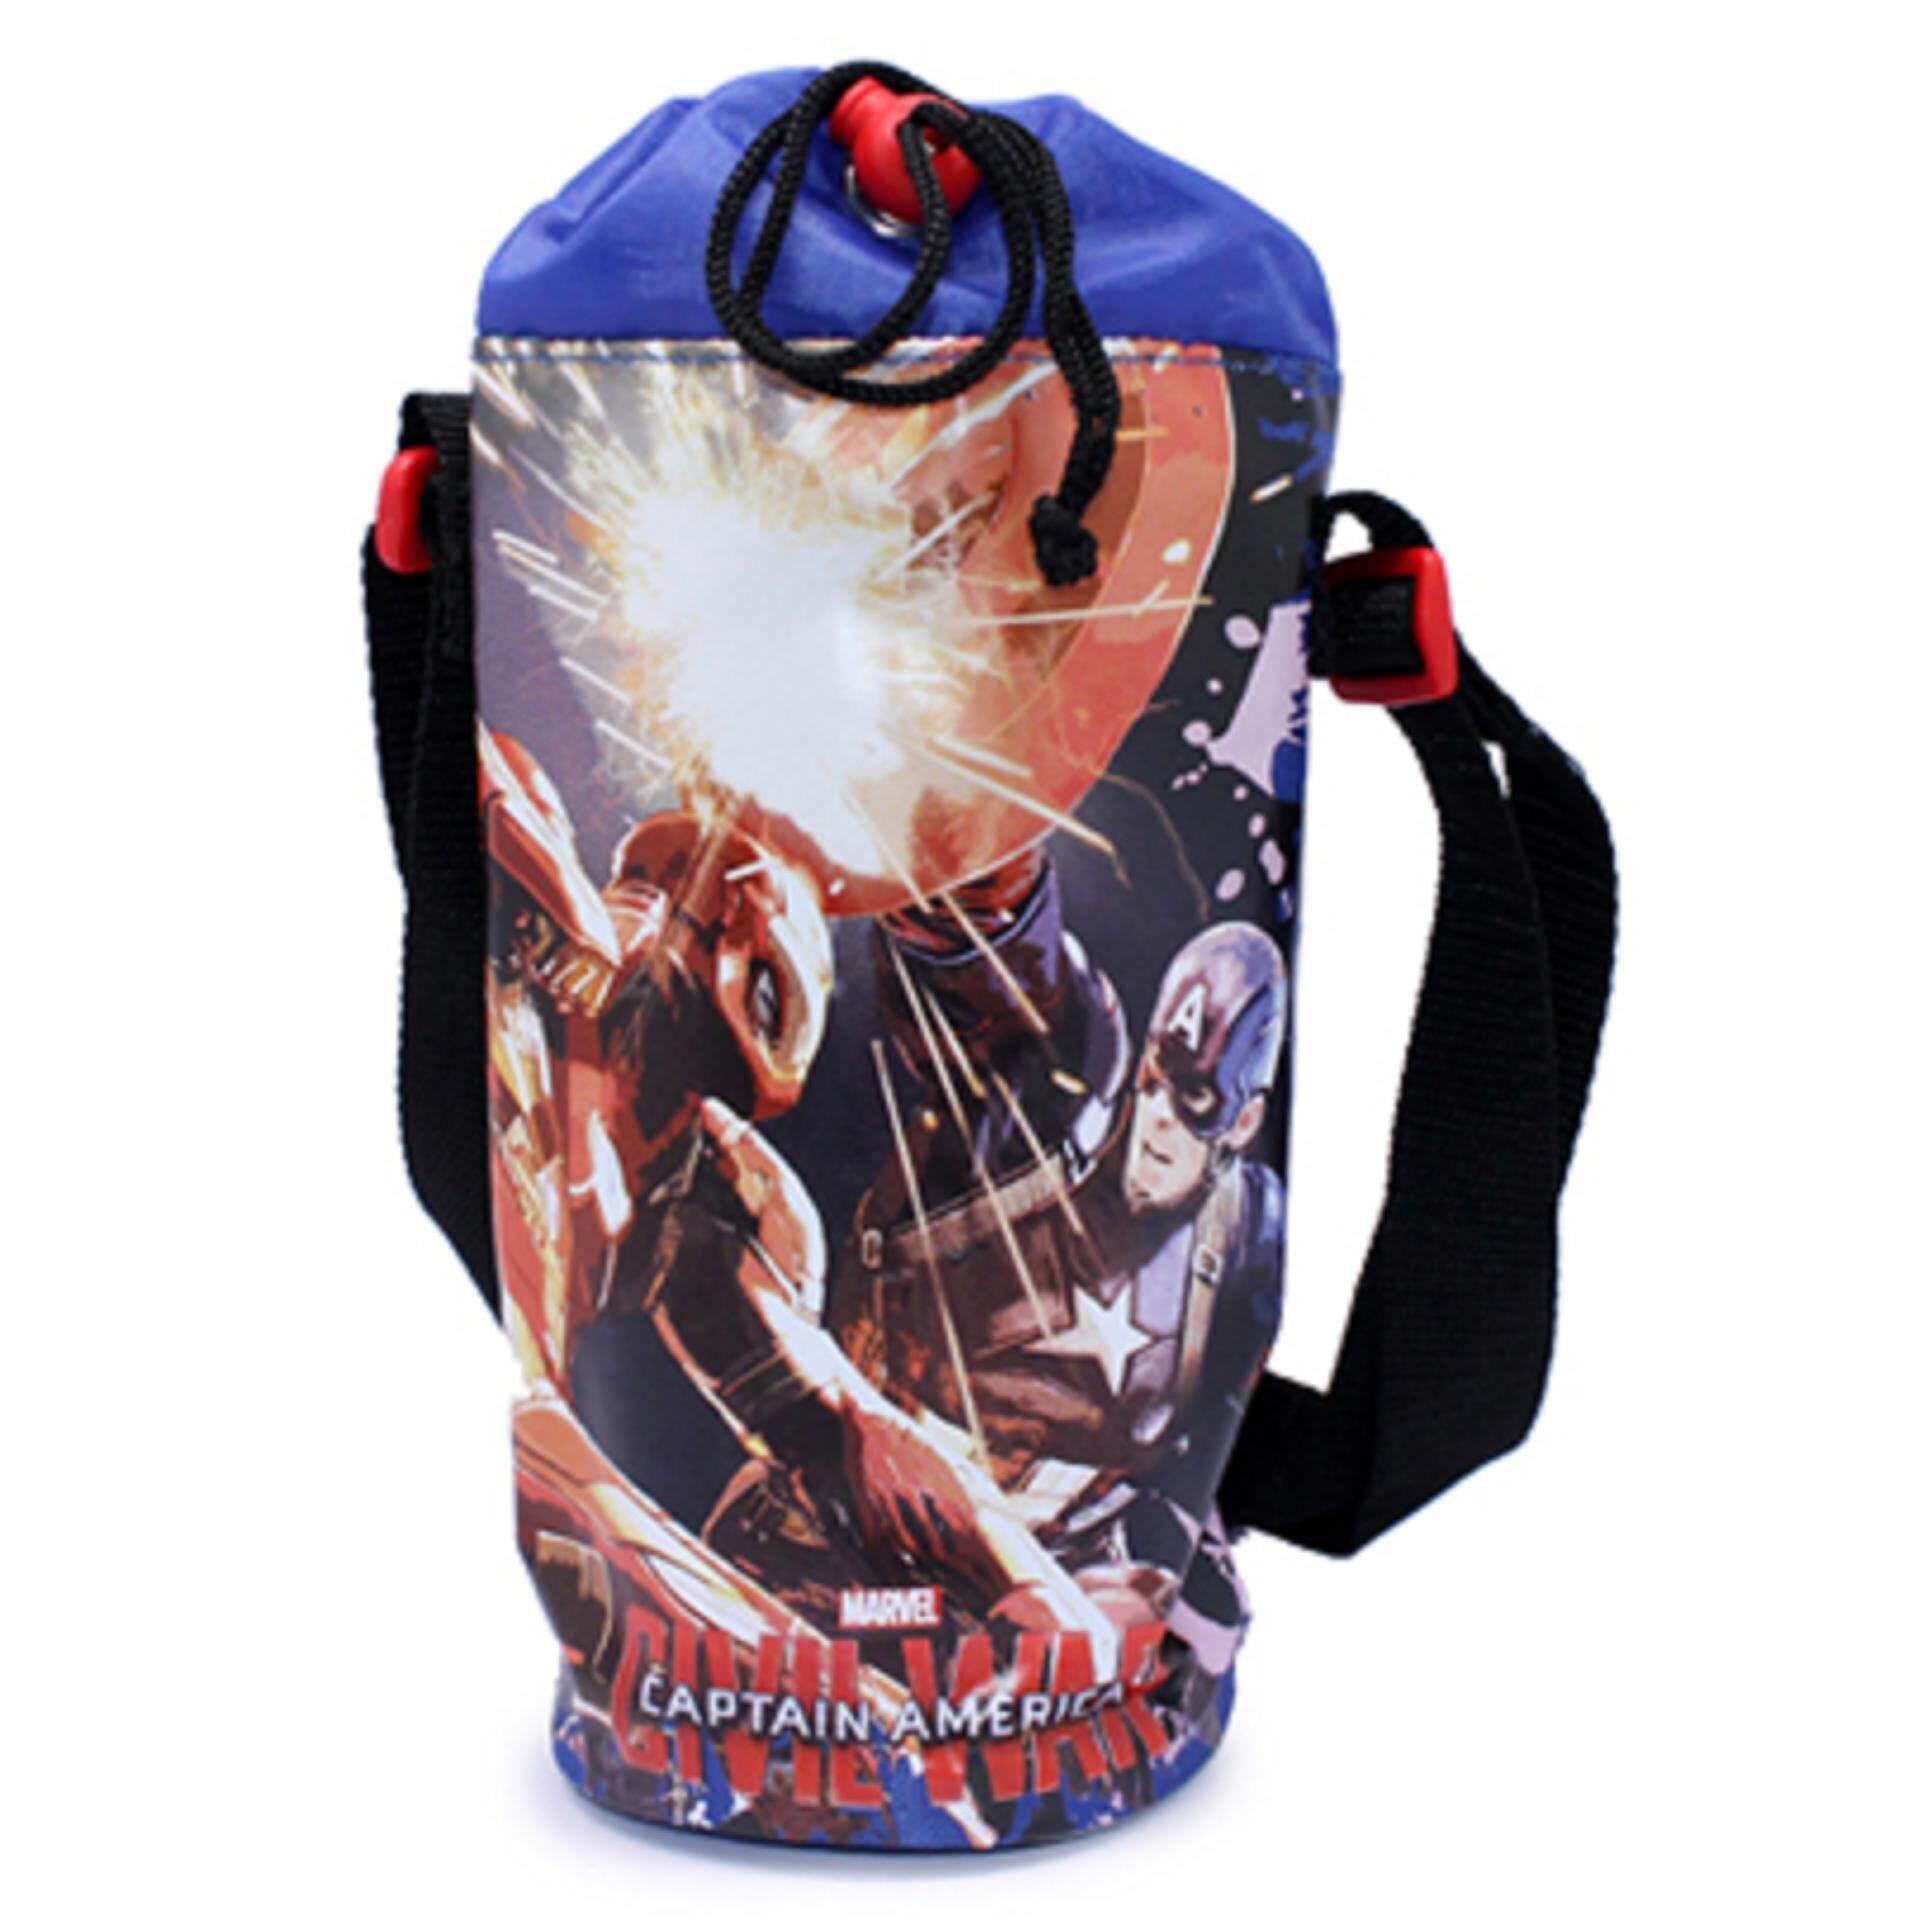 Marvel Avengers Captain America Civil War Water Bottle Holder - Blue Colour